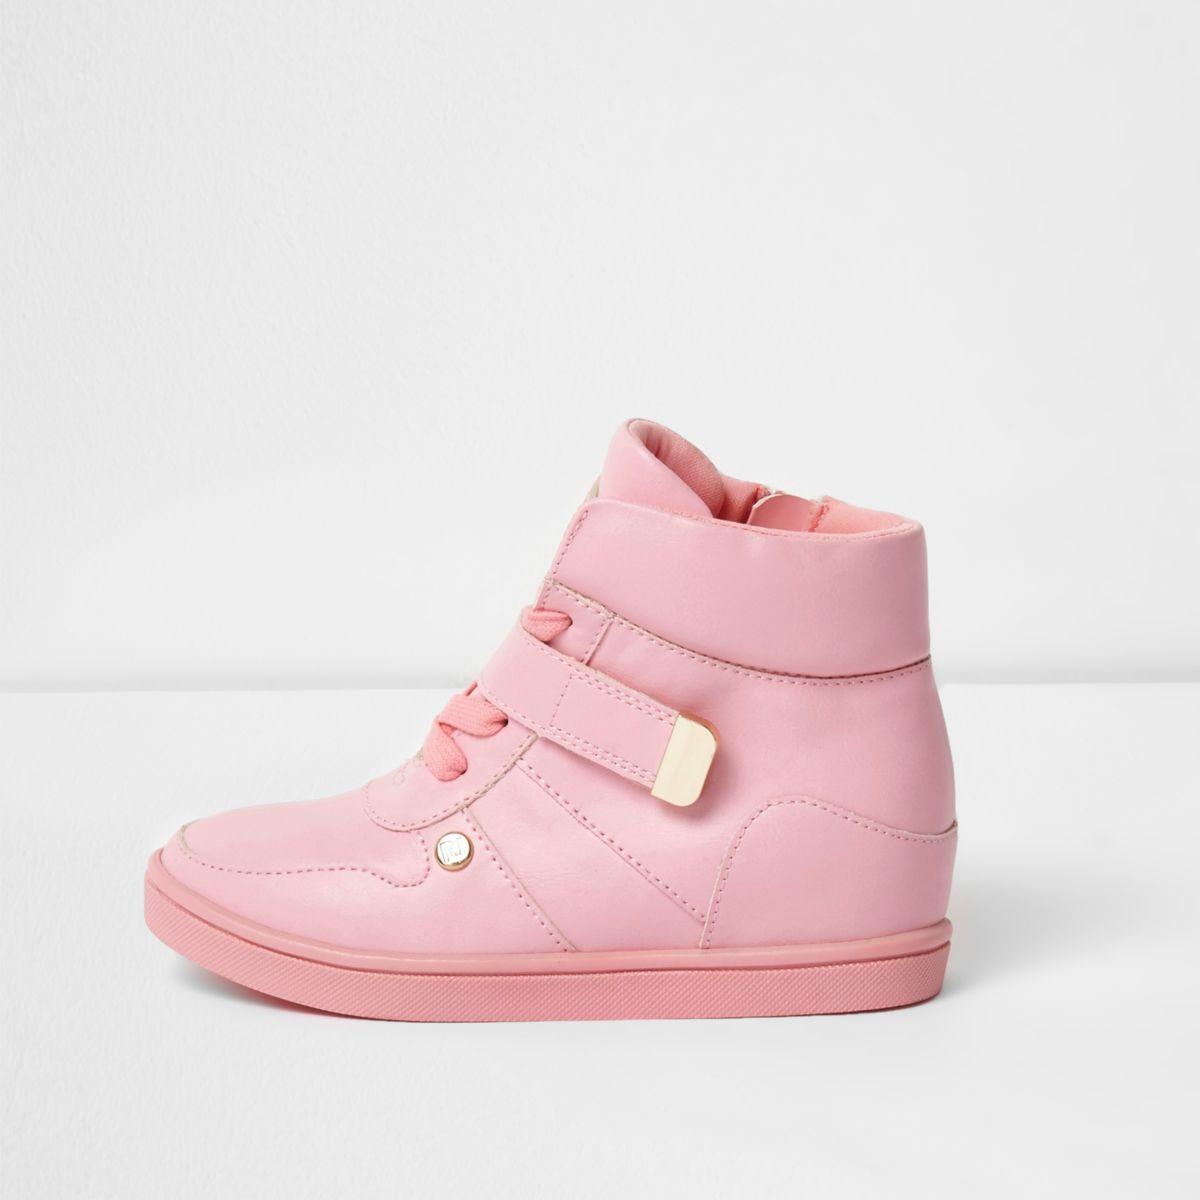 Pinke Sneakers mit Keilabsatz